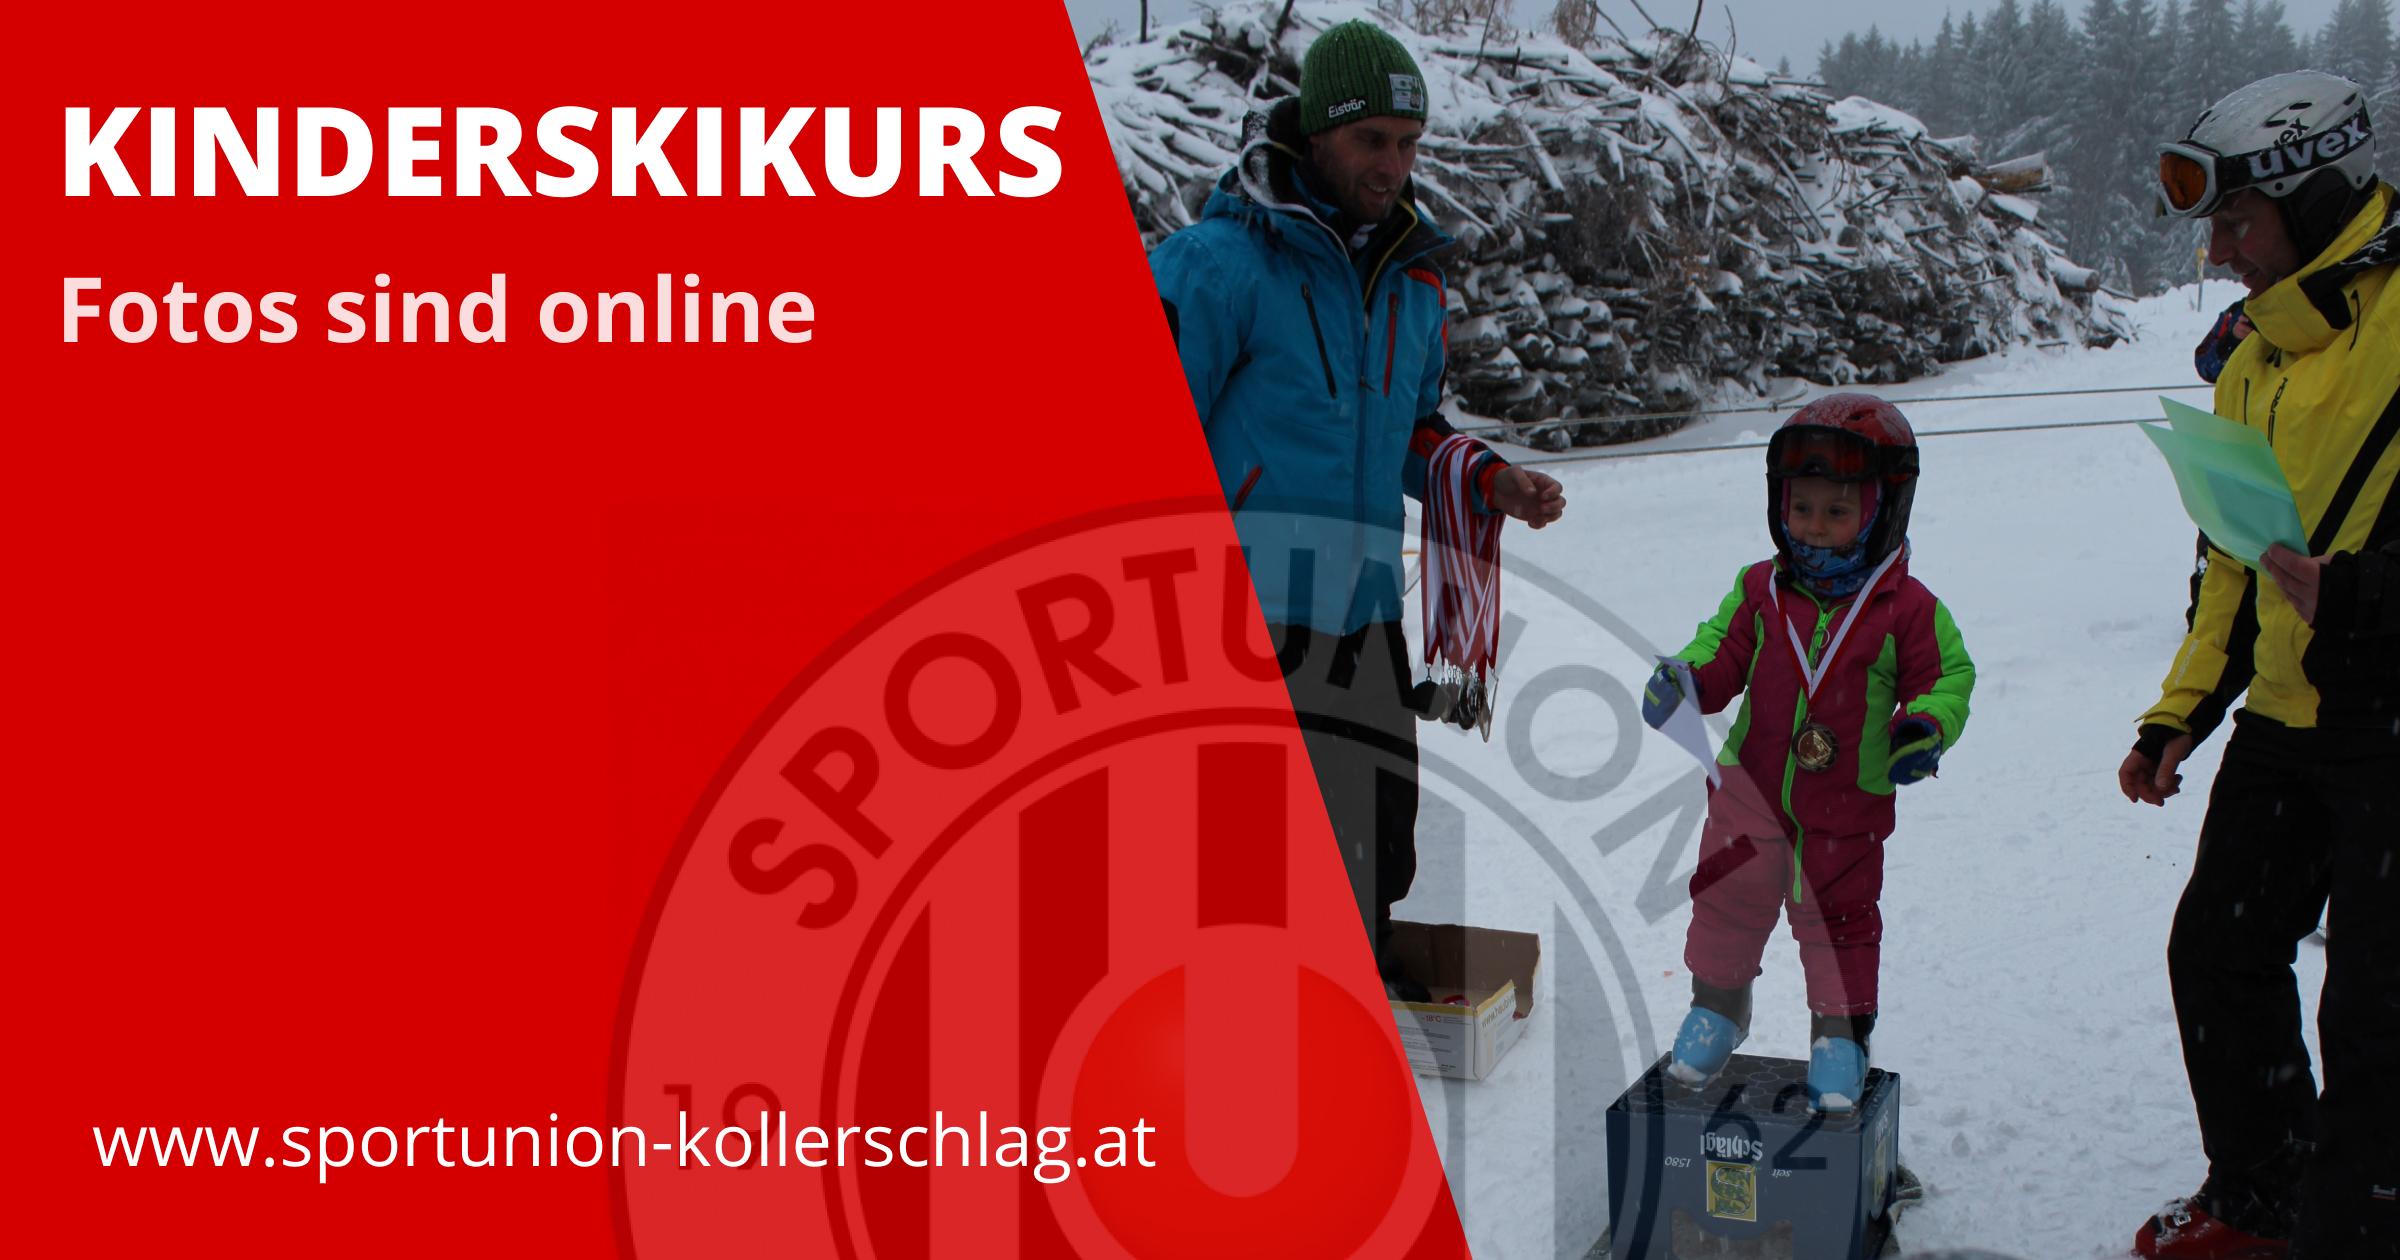 Der Kinder-Skikurs war wieder ein voller Erfolg